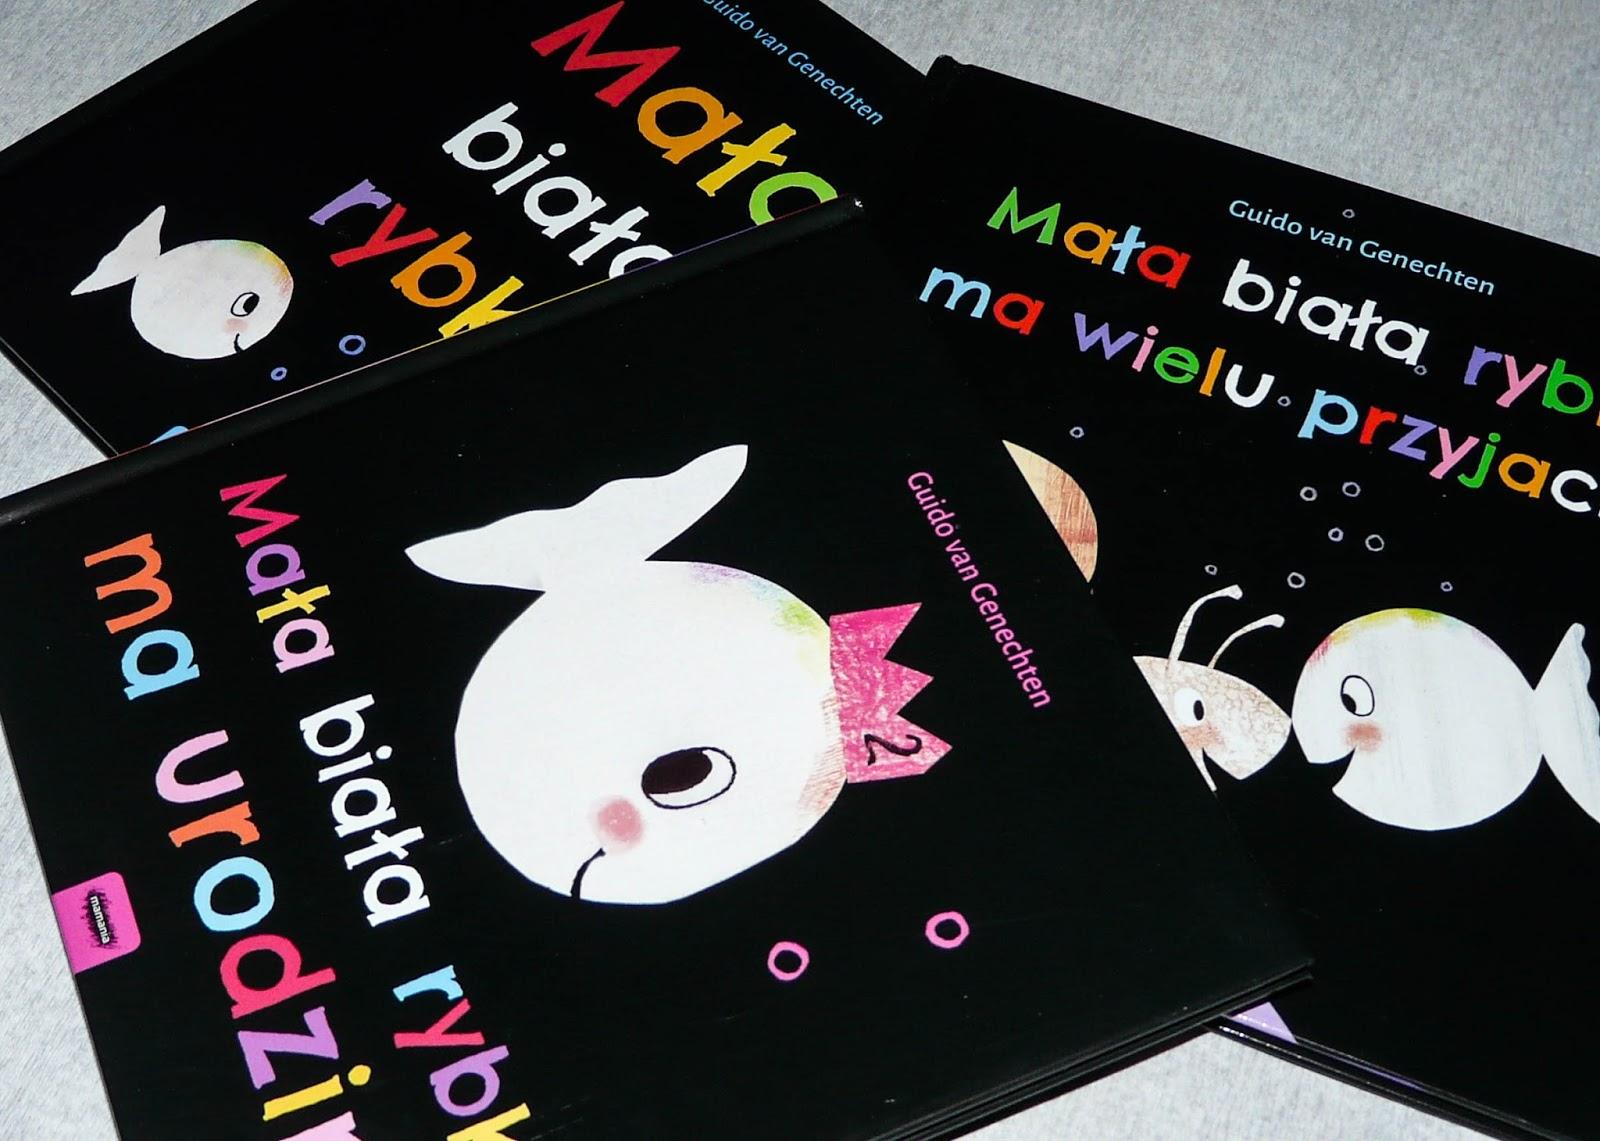 mała biała rybka - seria książek dla dwulatków, książki dla dwulatka